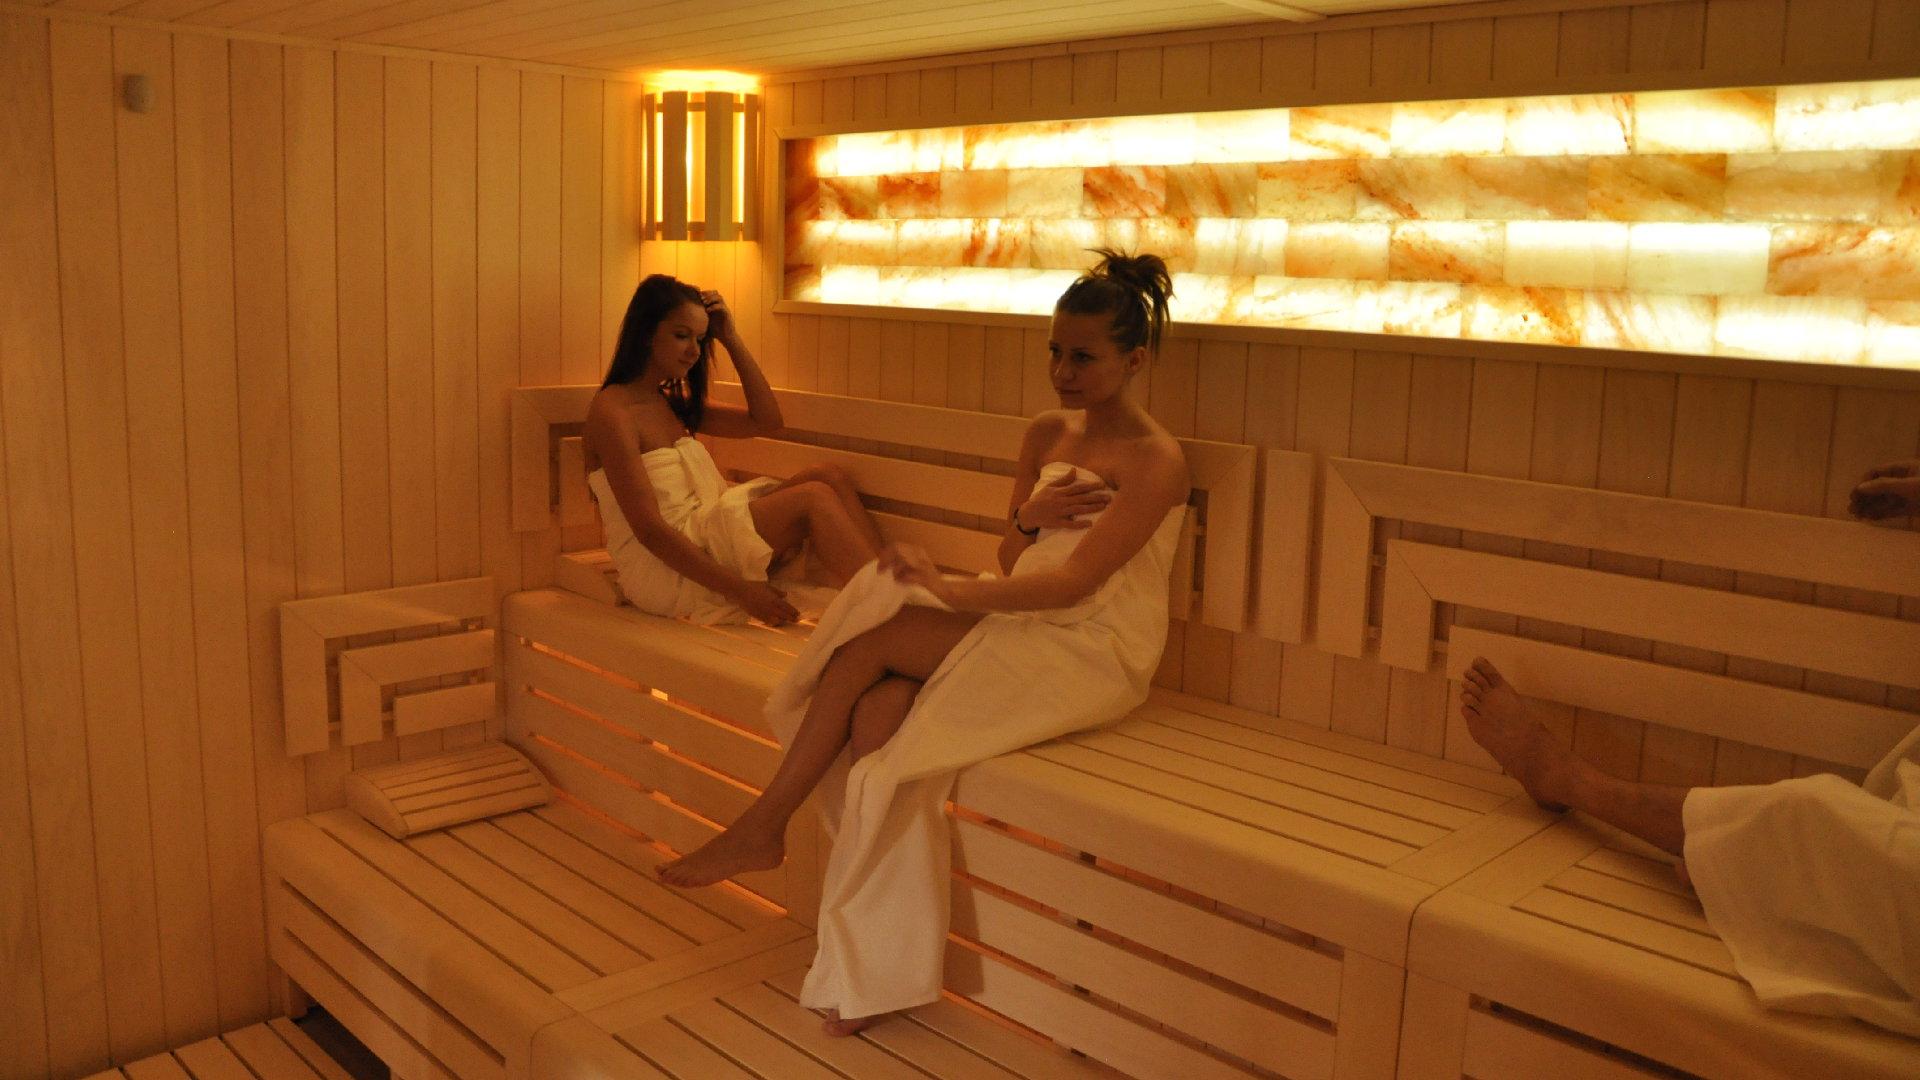 Sauna Spot Dvorce v Praze Podolí – Průvodce saunovým světem